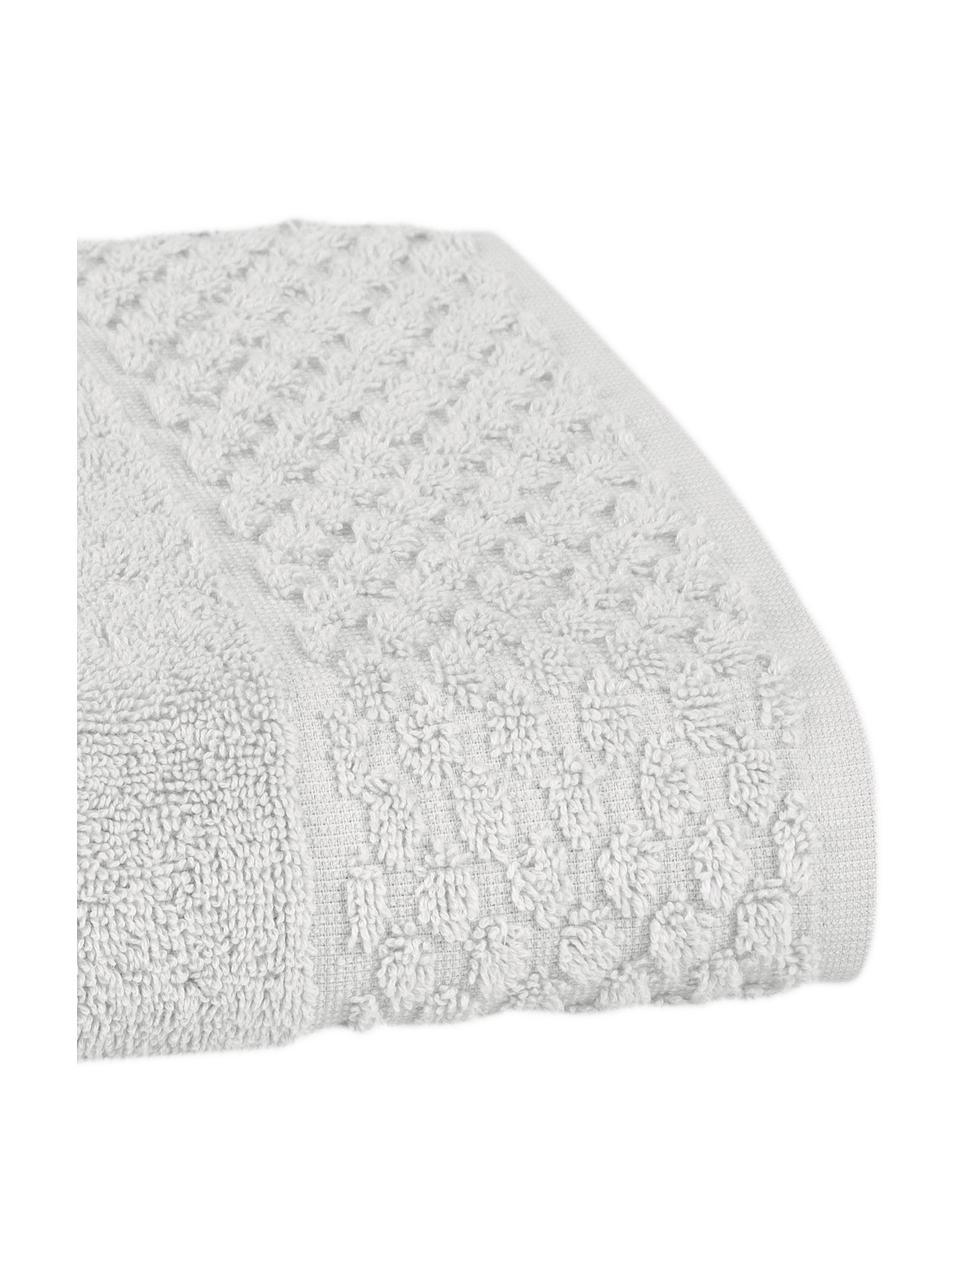 Handdoekenset Katharina, 3-delig, Zilvergrijs, Set met verschillende formaten